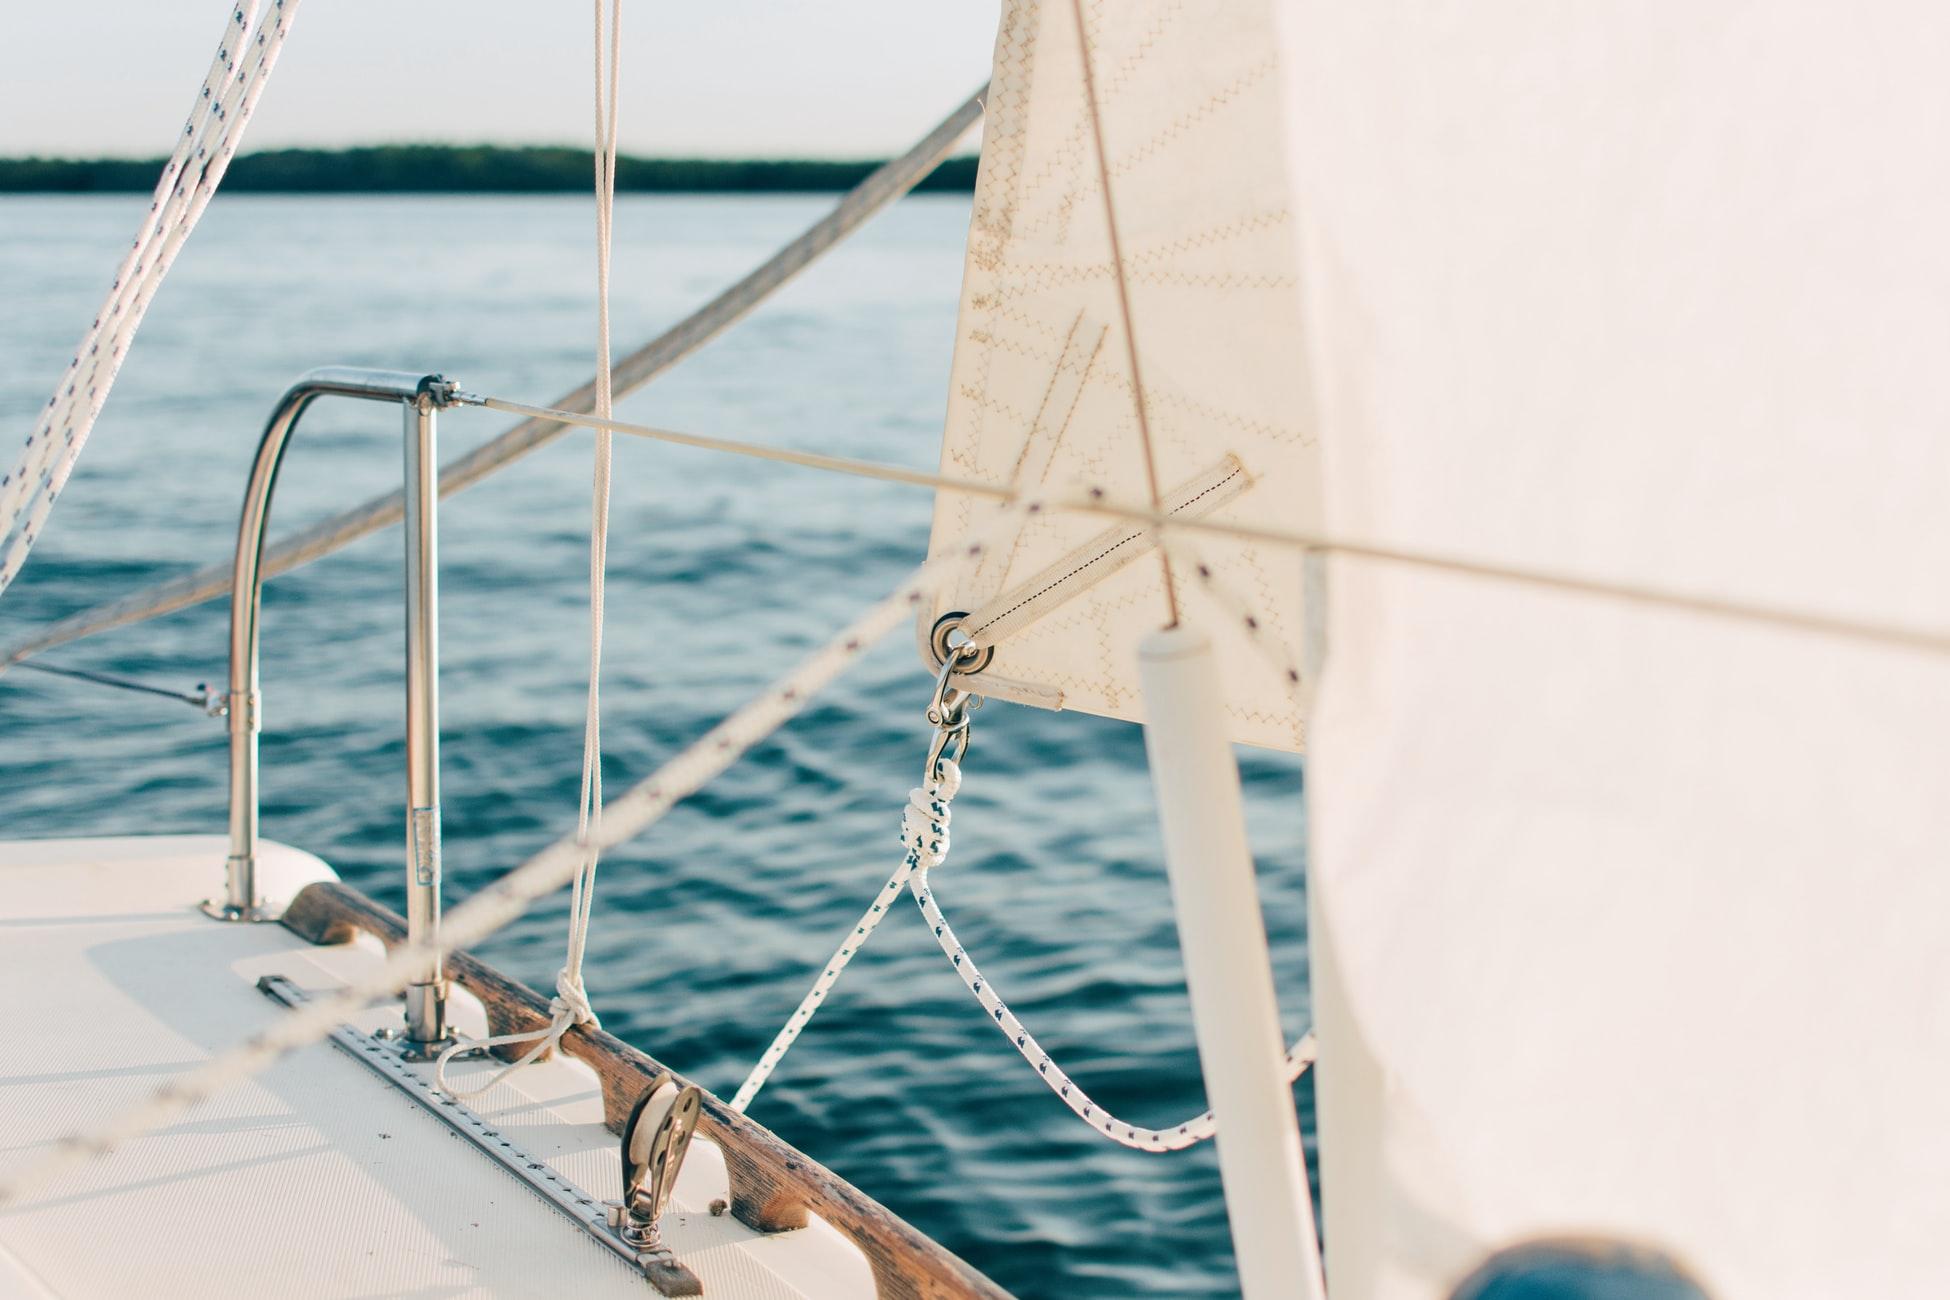 denia barco playa alicante españa